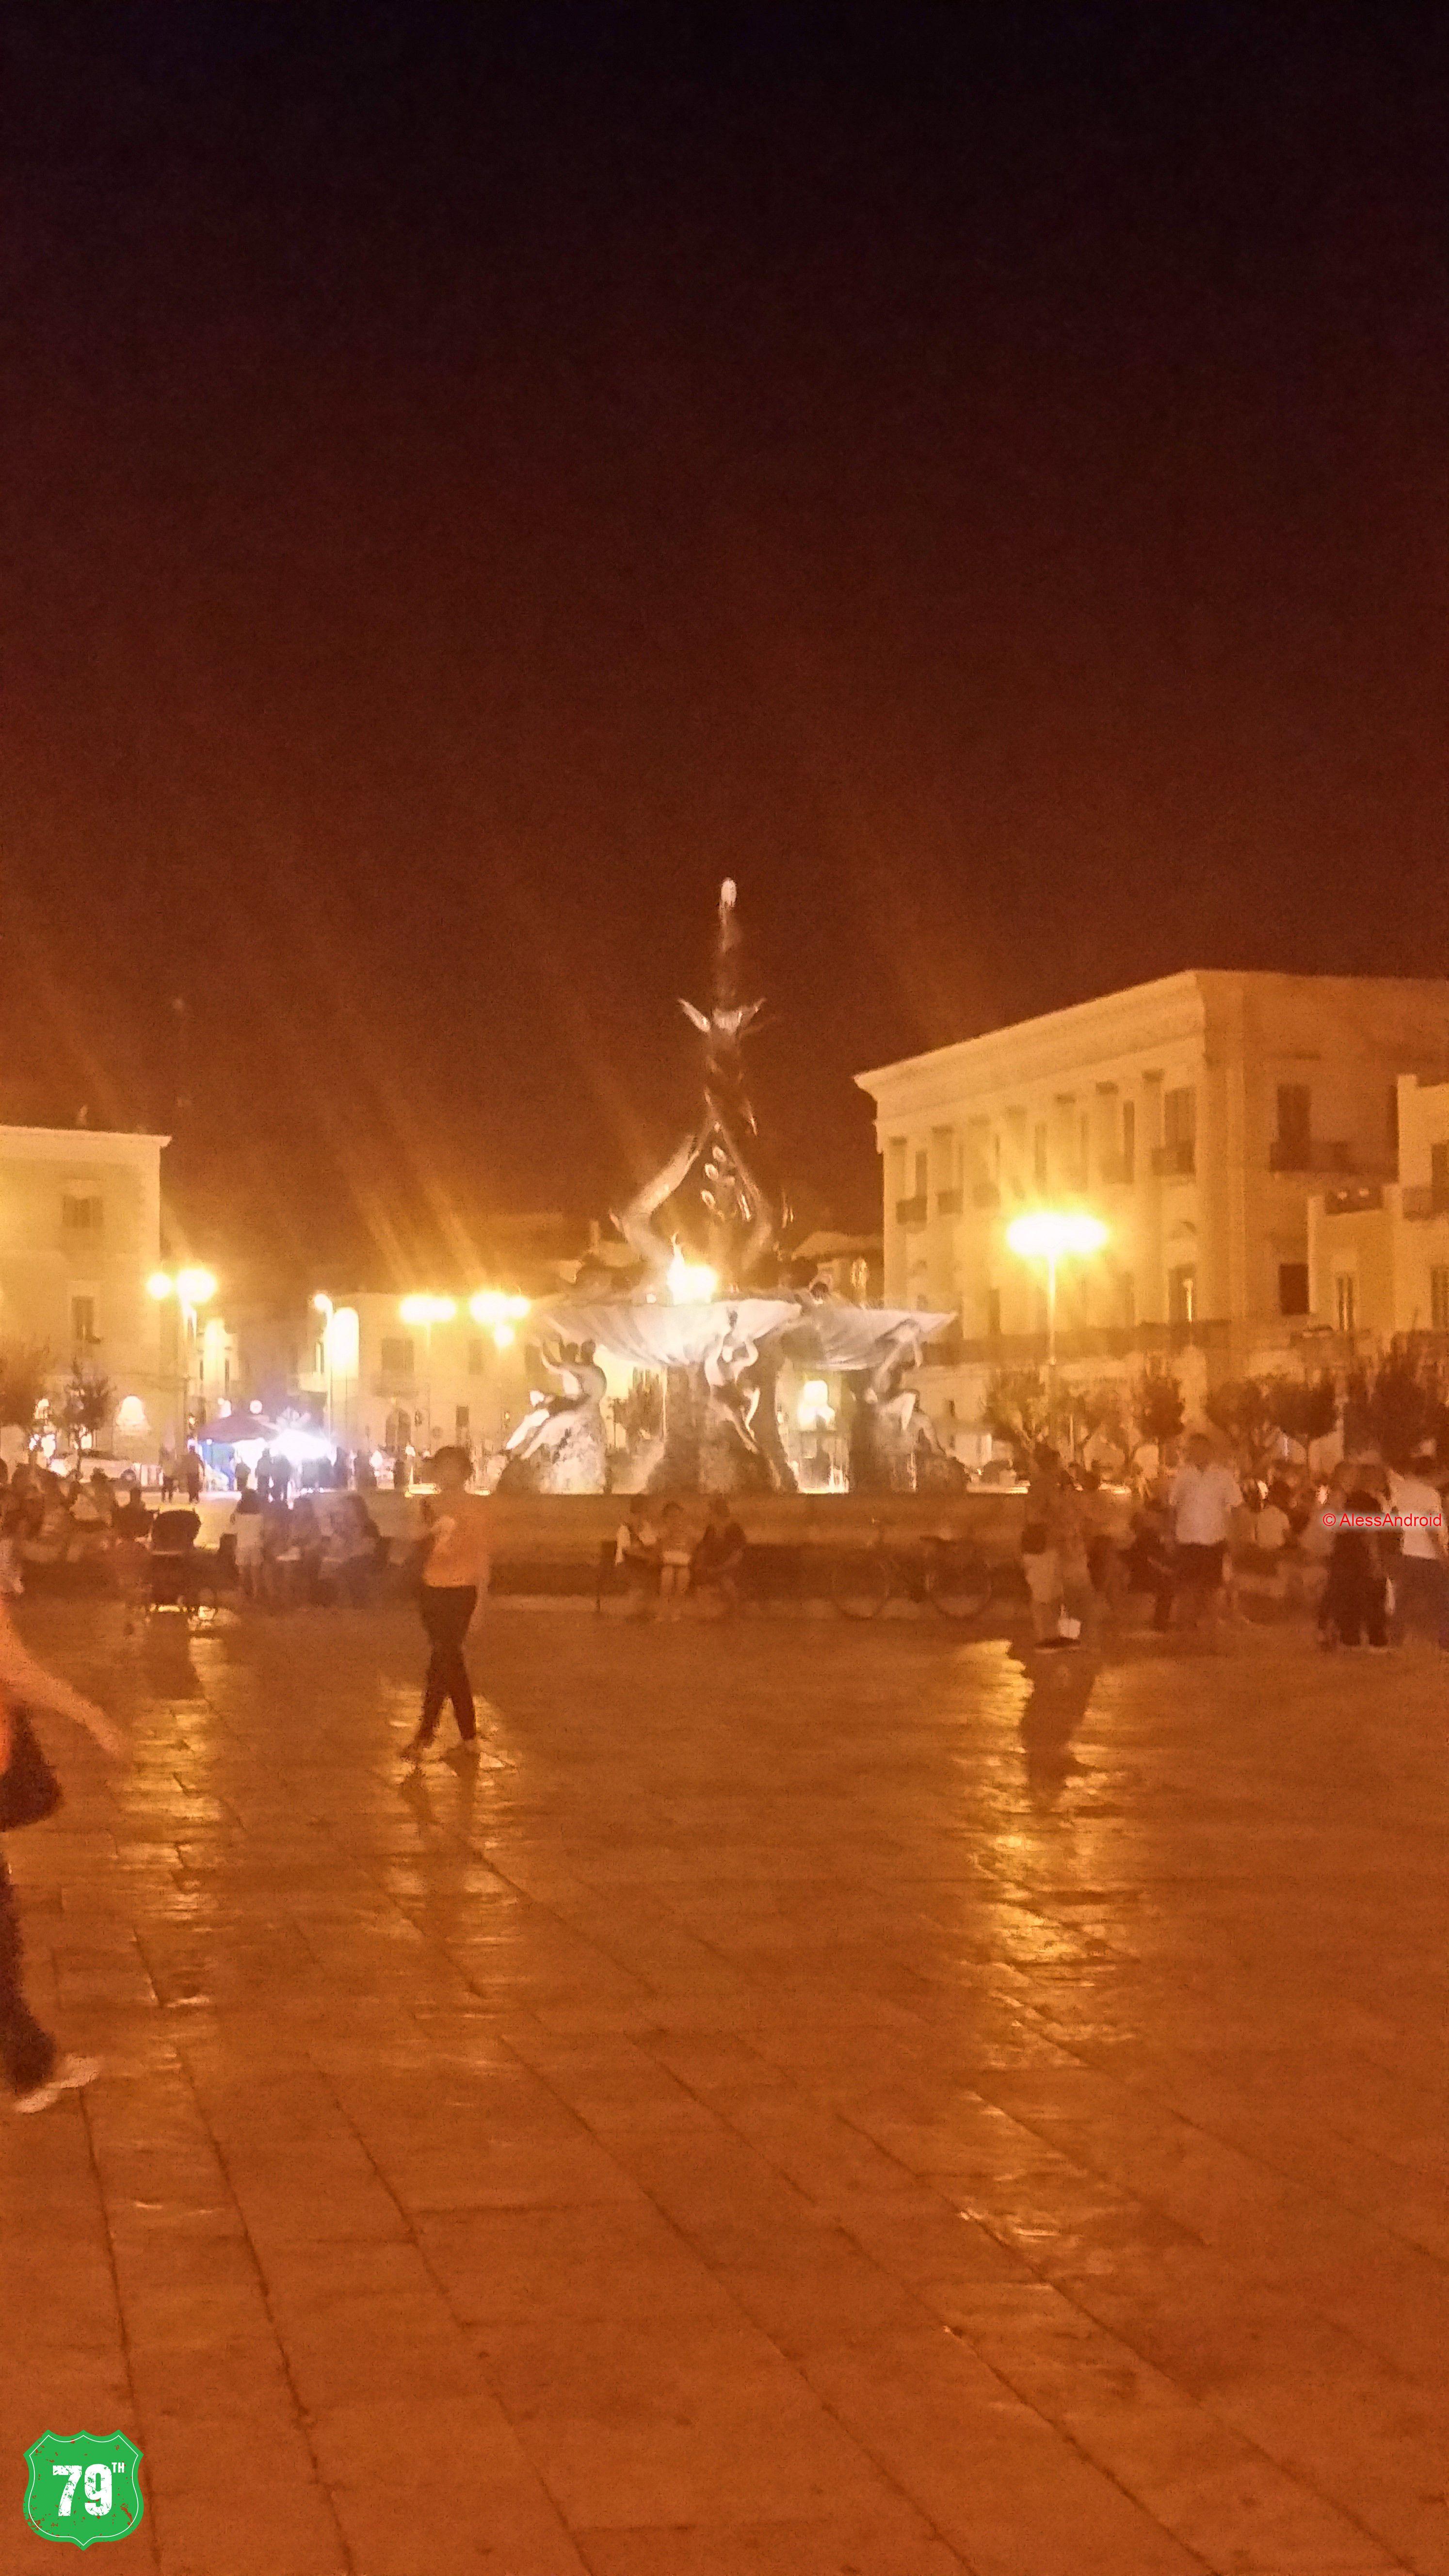 #Giovinazzo #Puglia #Italy #Italia #BelPaese #ILoveItaly #Travel #TravelItaly #ComeInItaly #Viaggiare #Viaggi #ViaggiaInItalia #79thAvenue #Piazza #Square #Fontata #Fountain